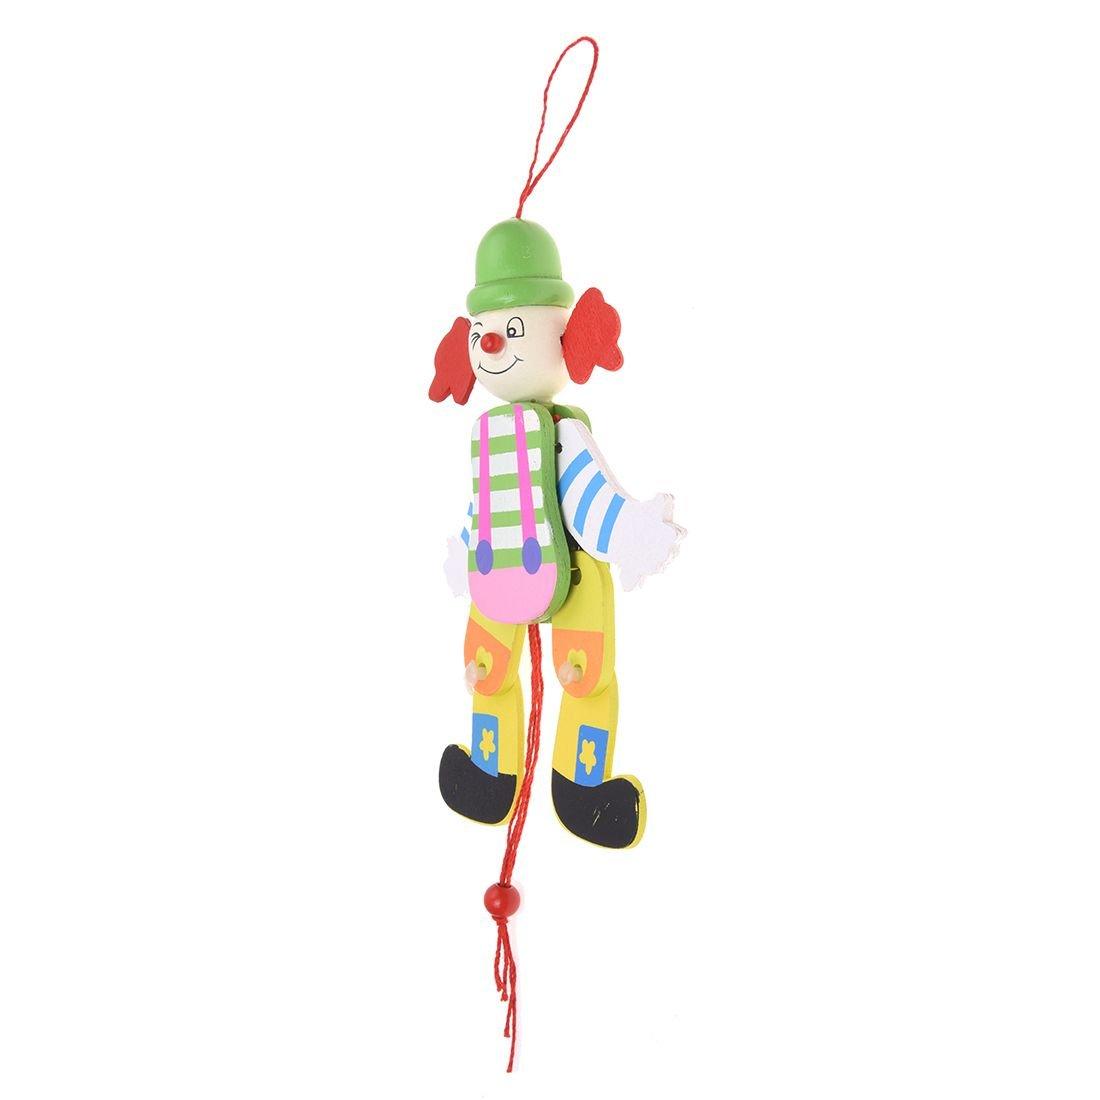 Couleur aleatoire Clown Corde de traction Jouet en bois Bras Jambes monter et descendre Jouets d enfants R TOOGOO